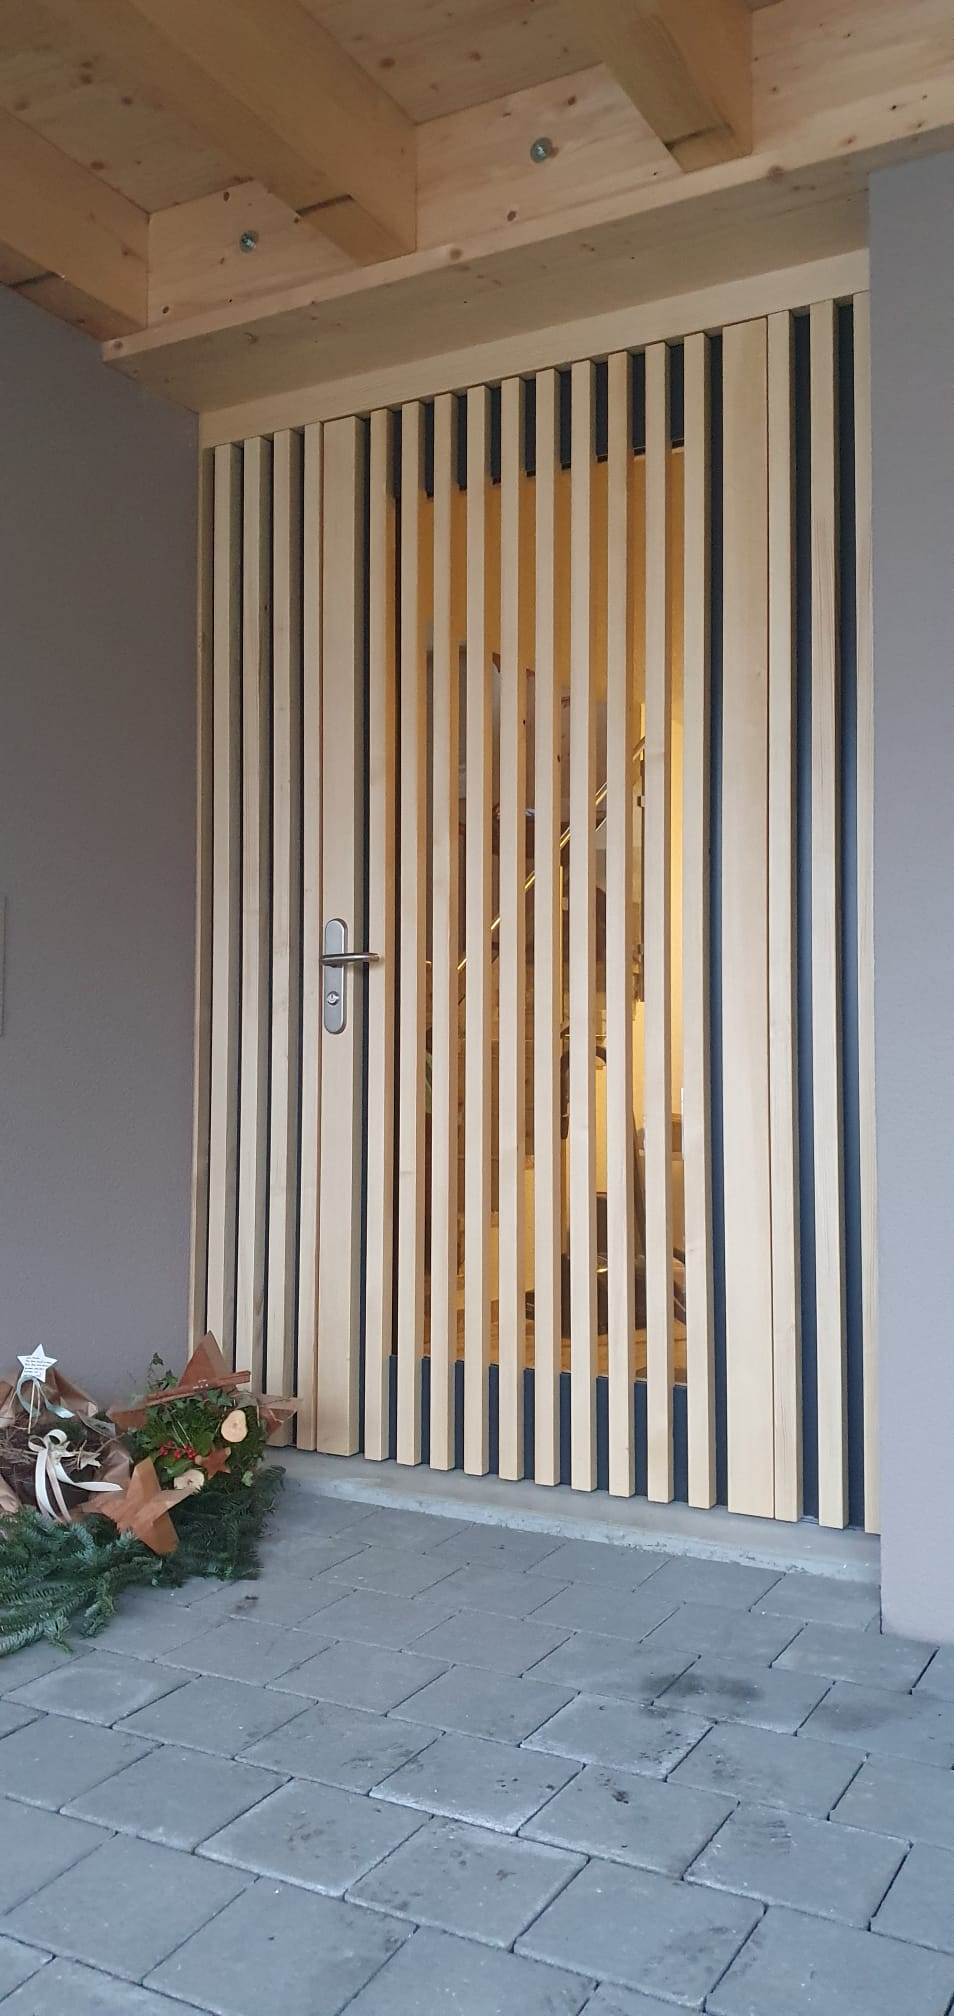 Hauseingangstüre mit viel Lichtdurchlass